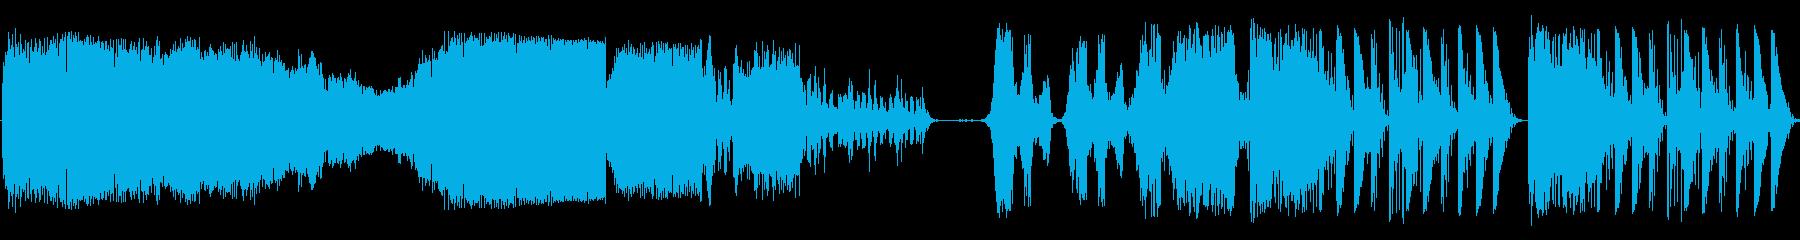 ランダムチューンSci Fiバンパーの再生済みの波形